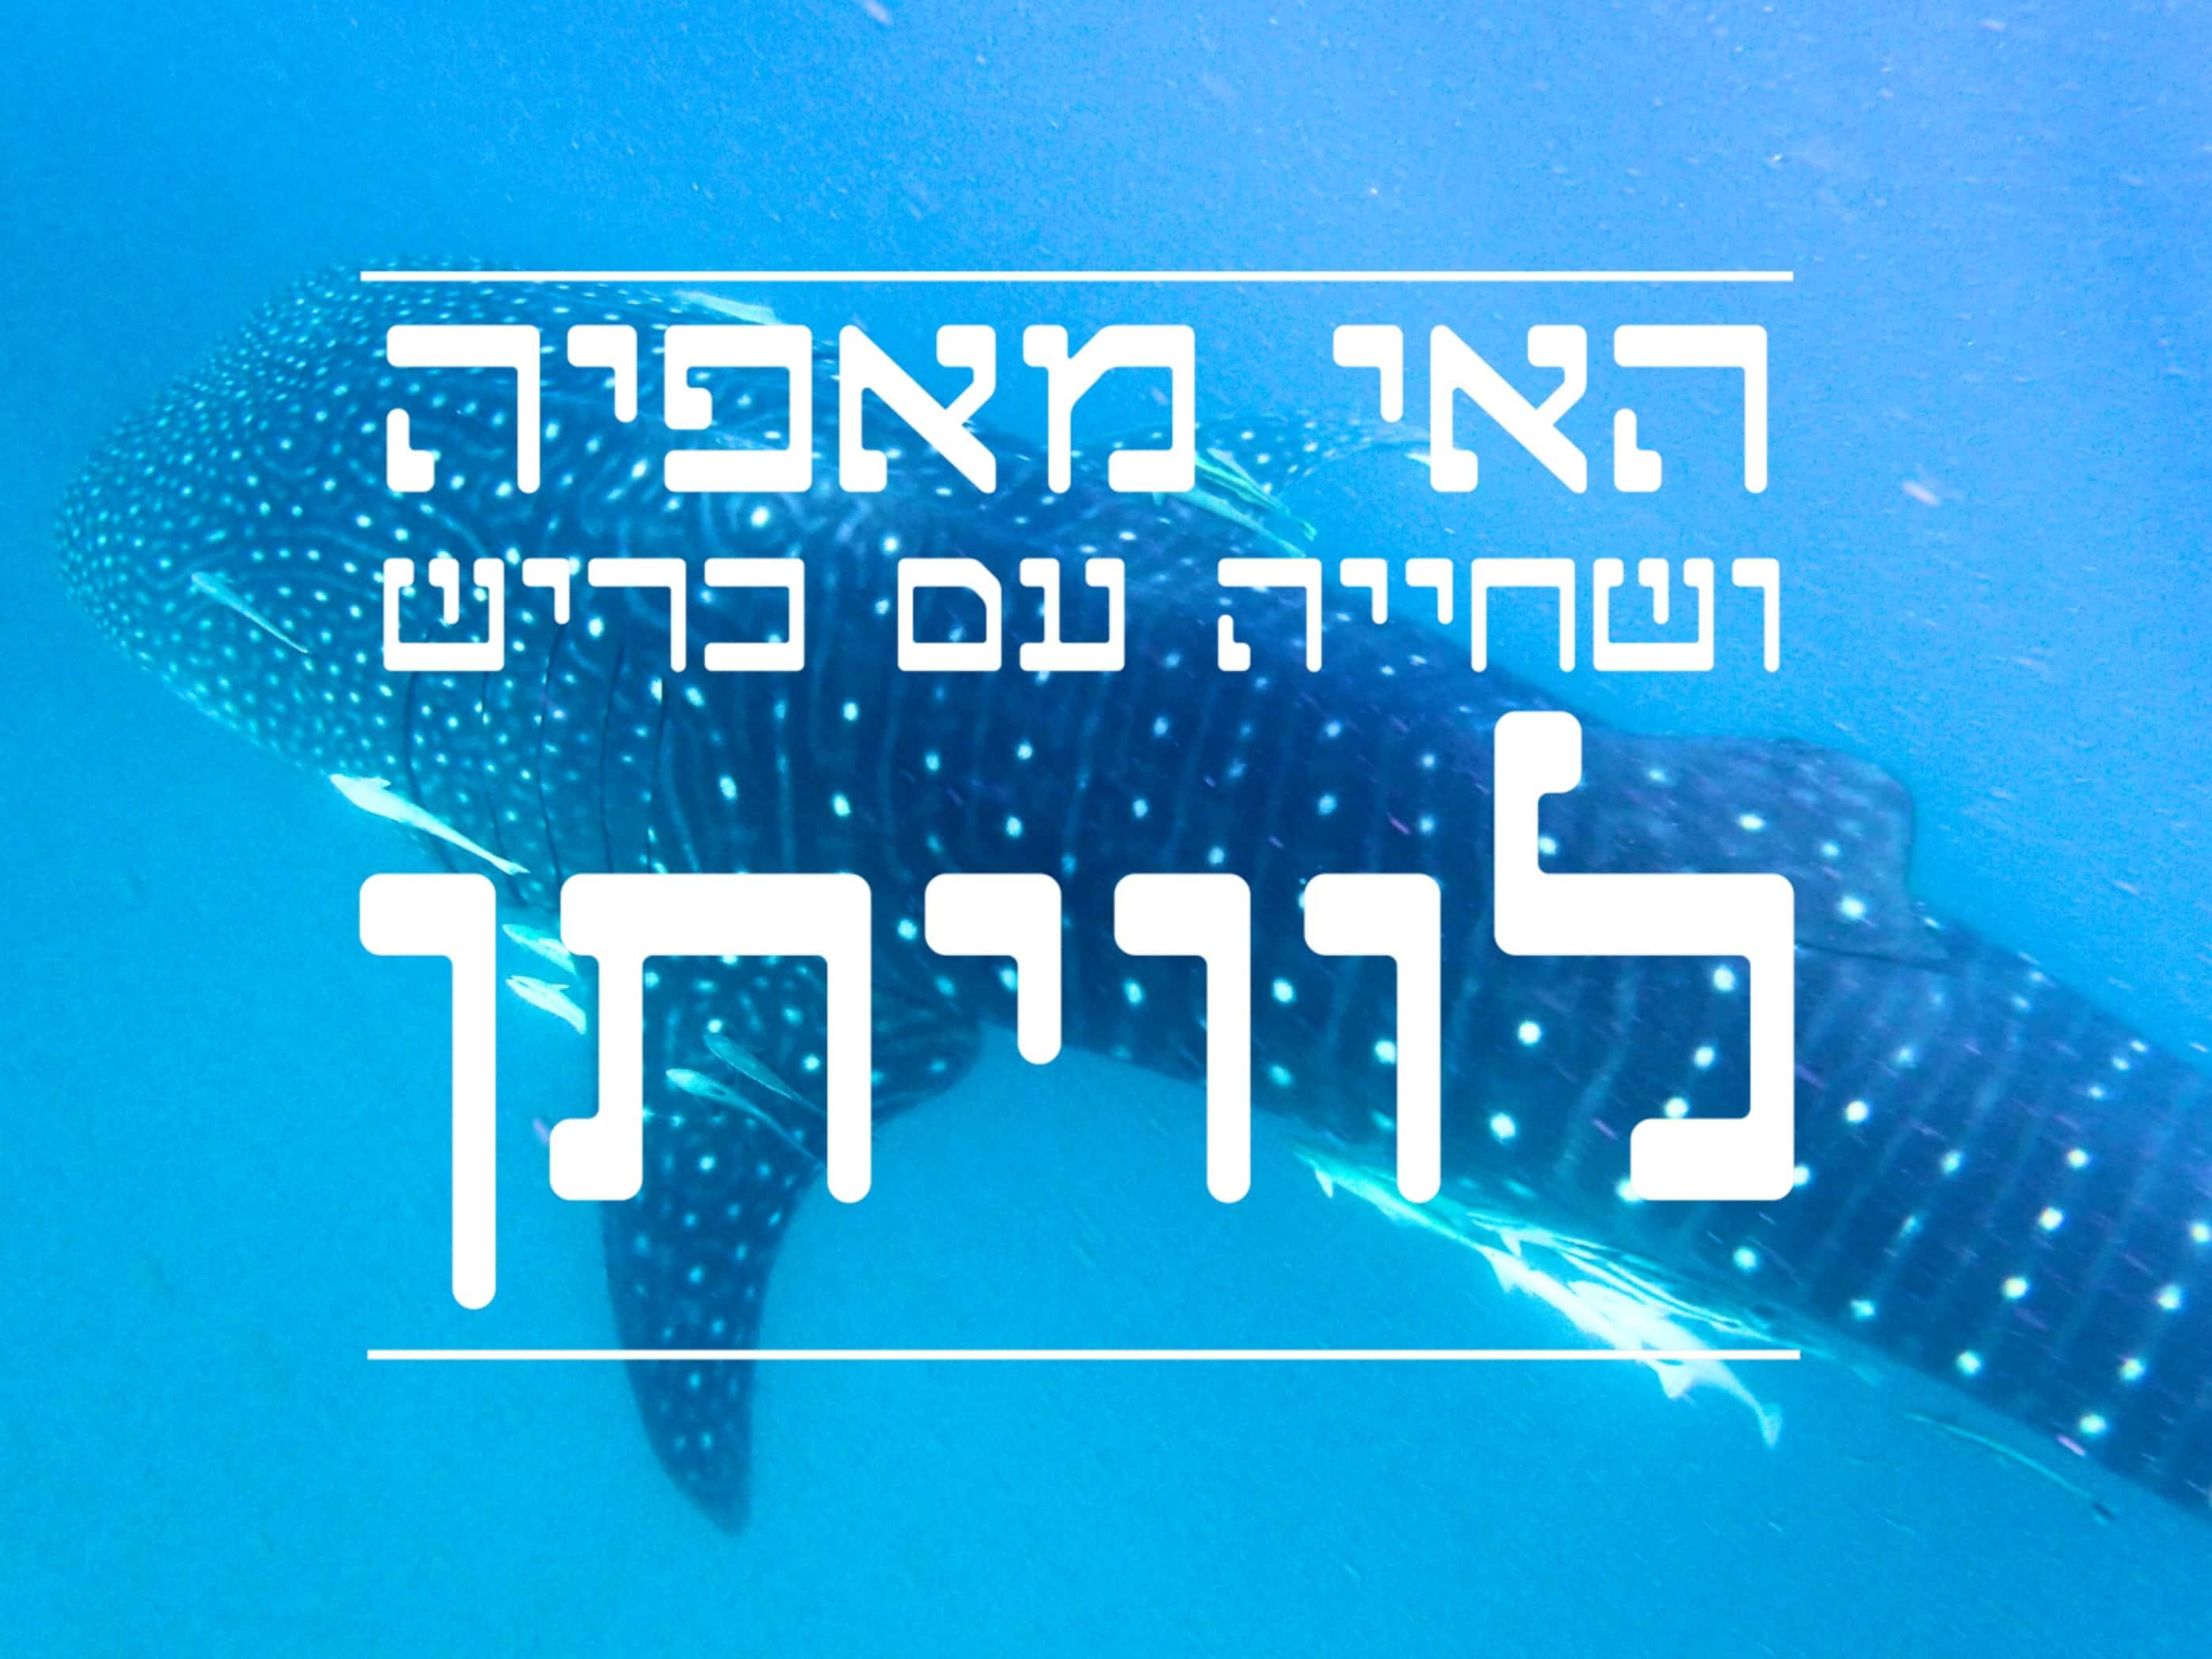 האי מאפיה פנינה שלא התגלתה ושחייה מיוחדת עם כרישי לוויתן